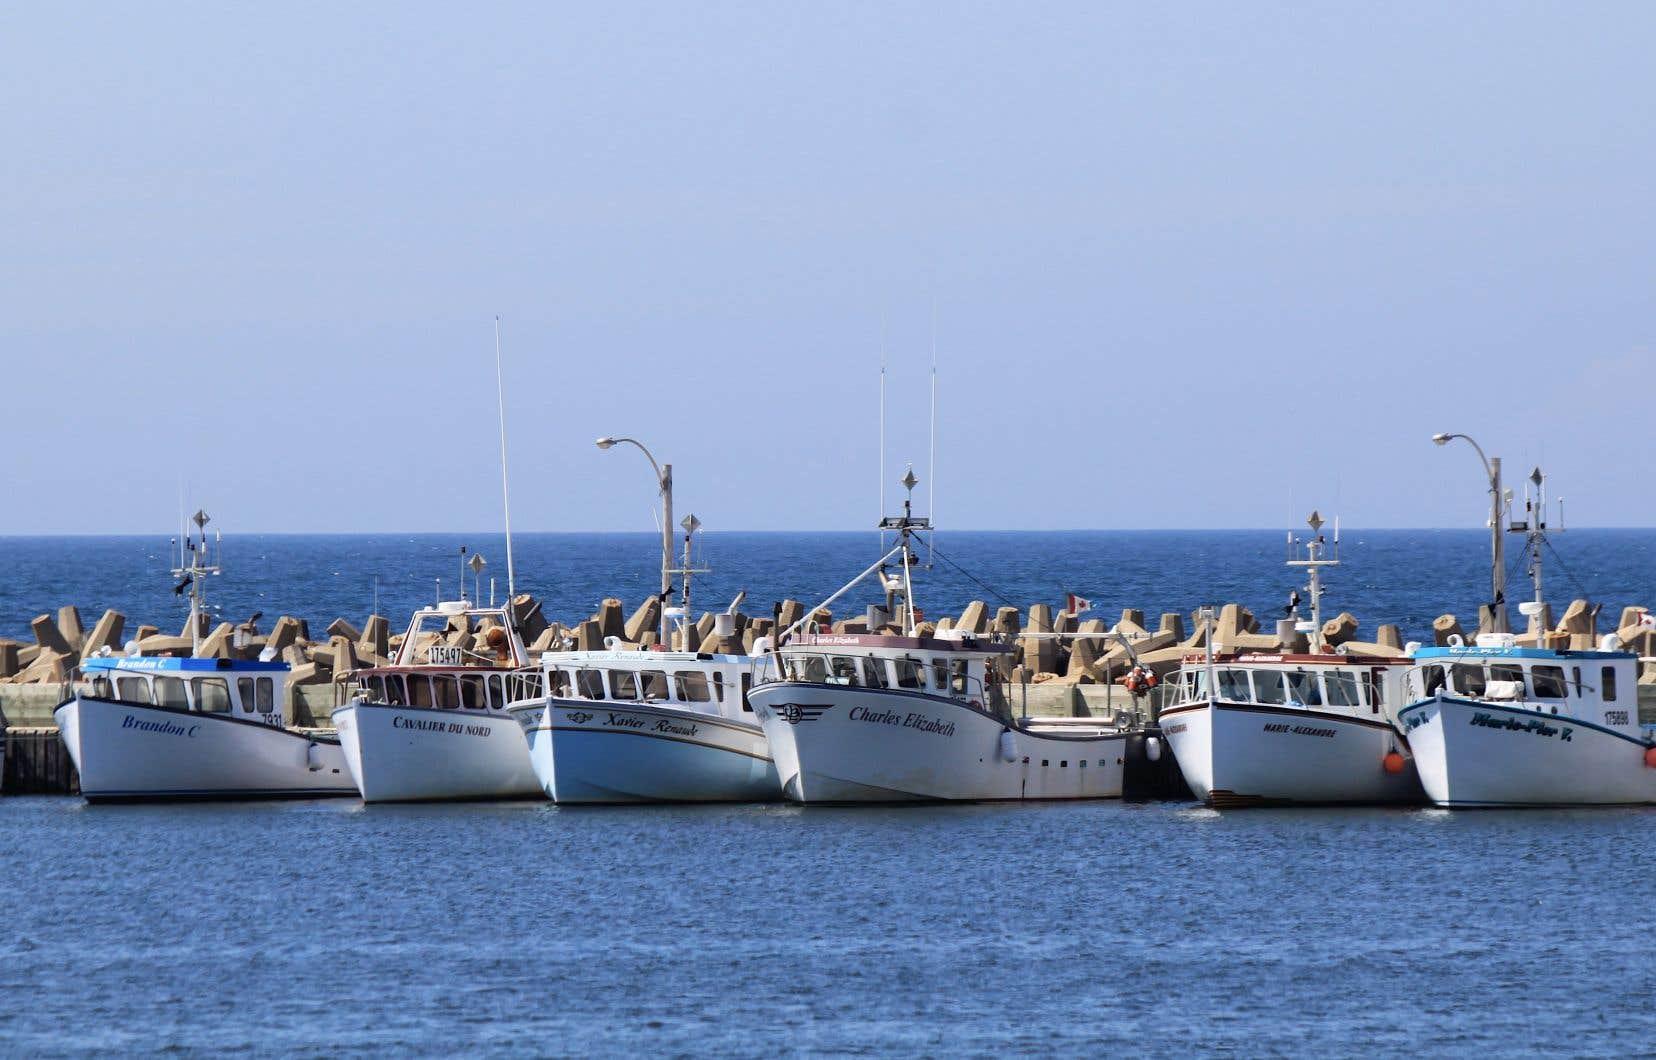 La perspective de projets pétroliers dans le golfe du Saint-Laurent a déjà soulevé des inquiétudes pour l'industrie de la pêche.